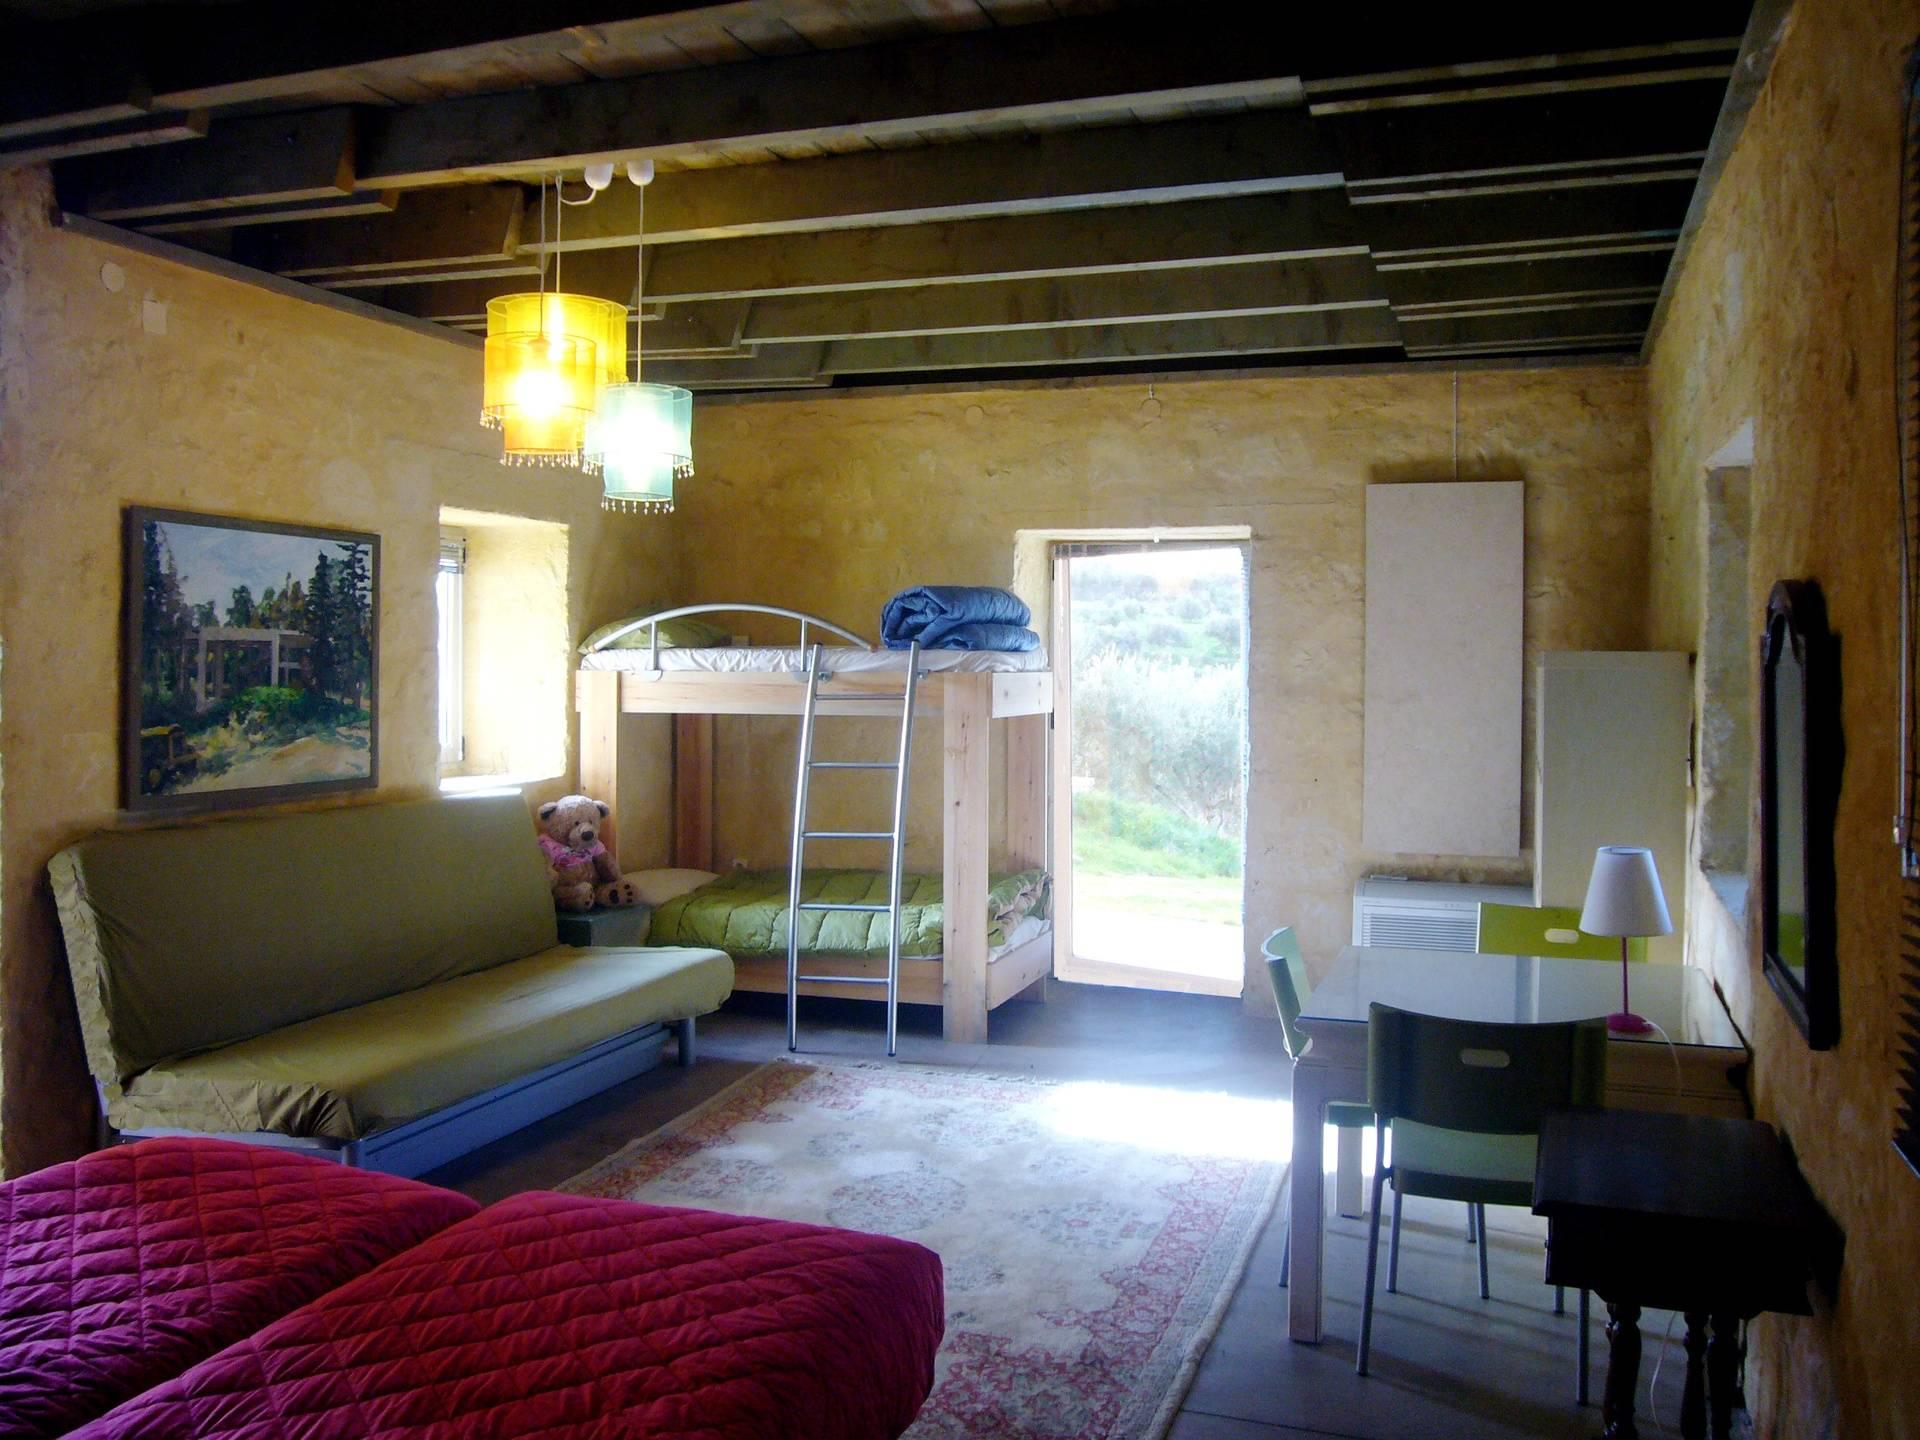 ground floor: big bedroom, sofa and bunk bed